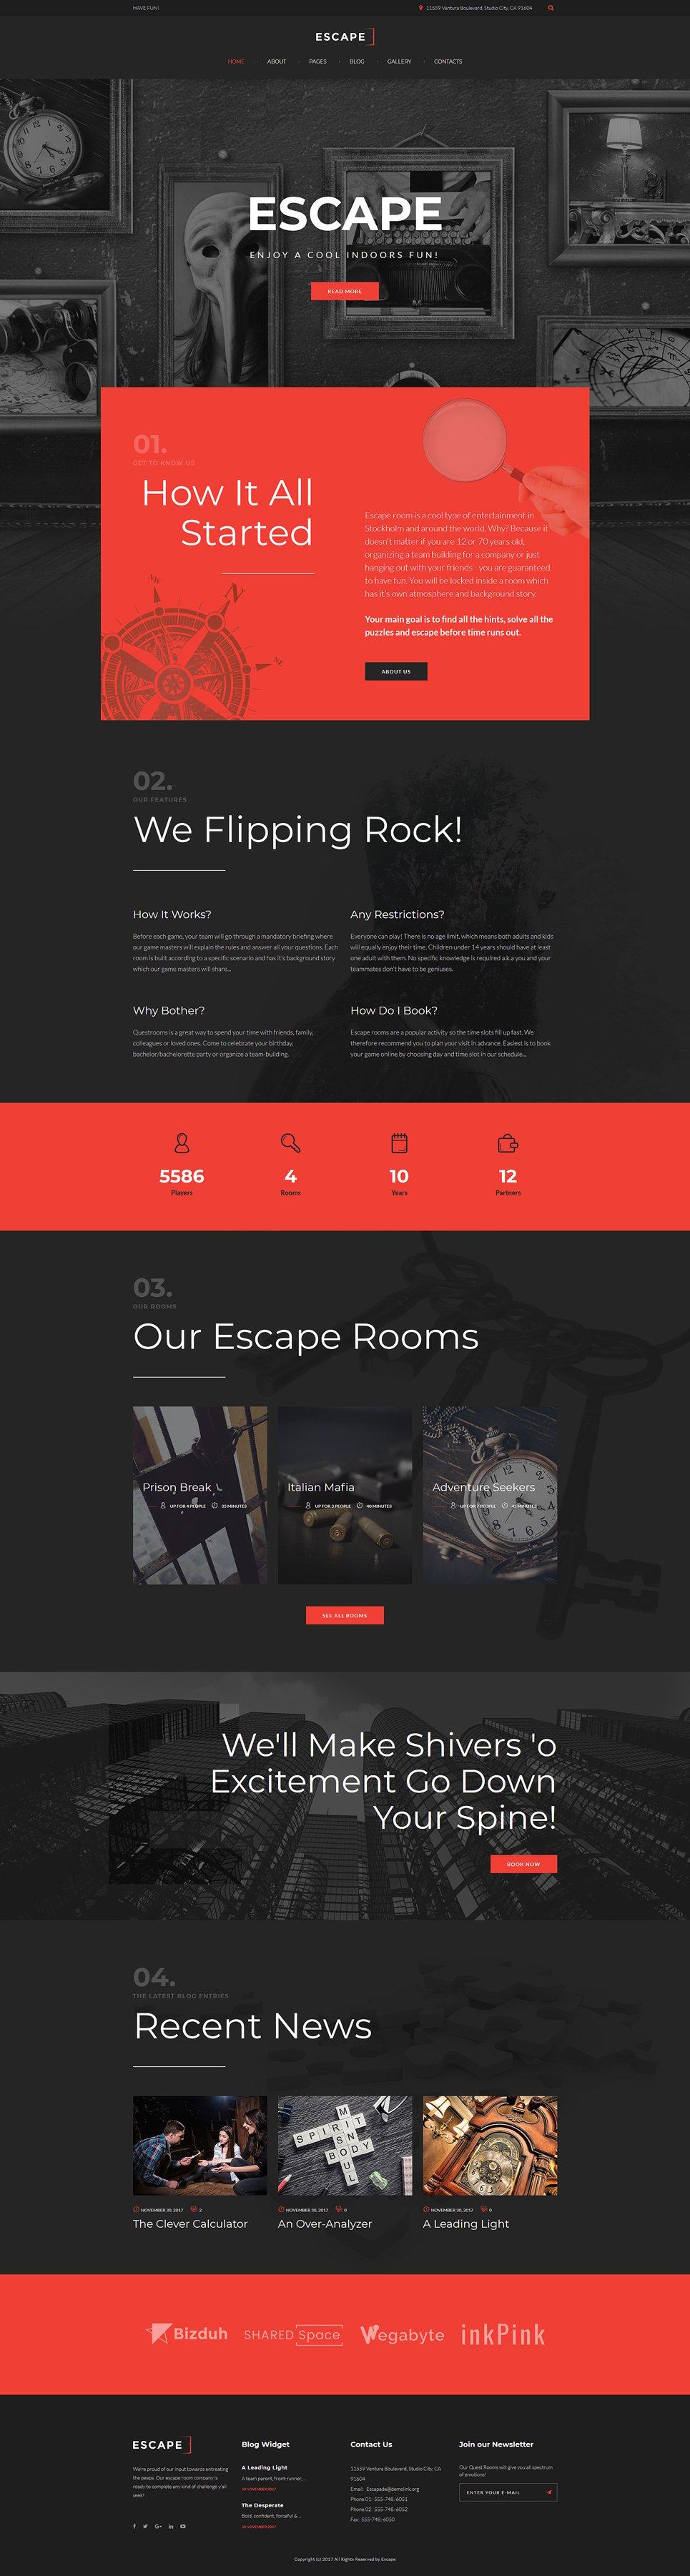 Escape Room WordPress Template